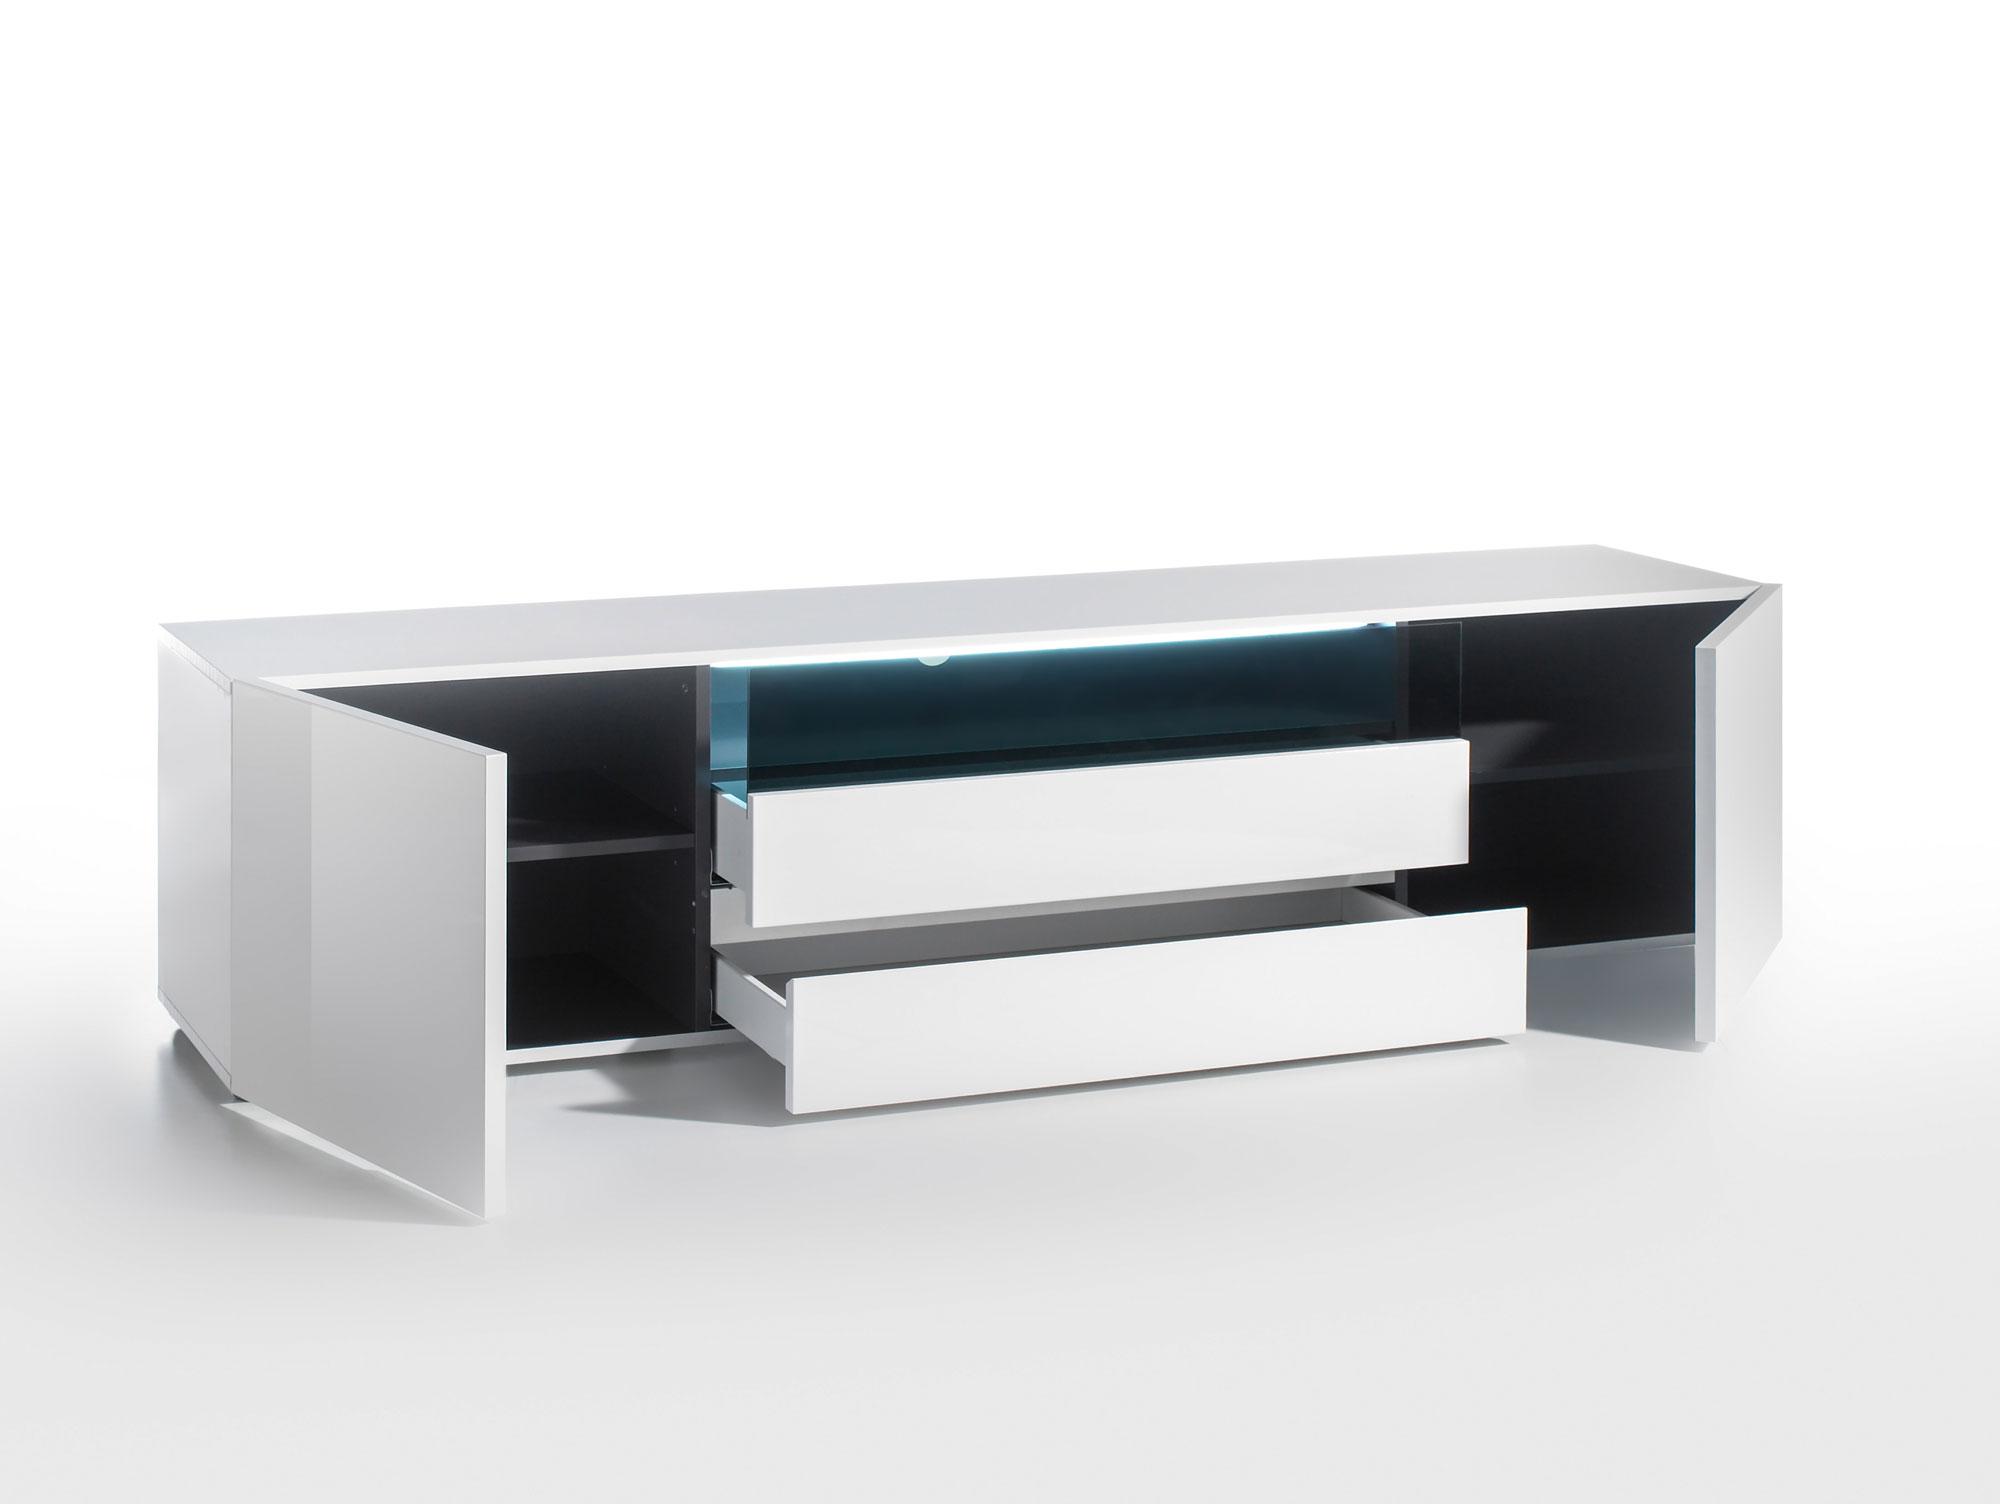 venedig wohnwand weiss hochglanz dekor weiss eiche natur. Black Bedroom Furniture Sets. Home Design Ideas